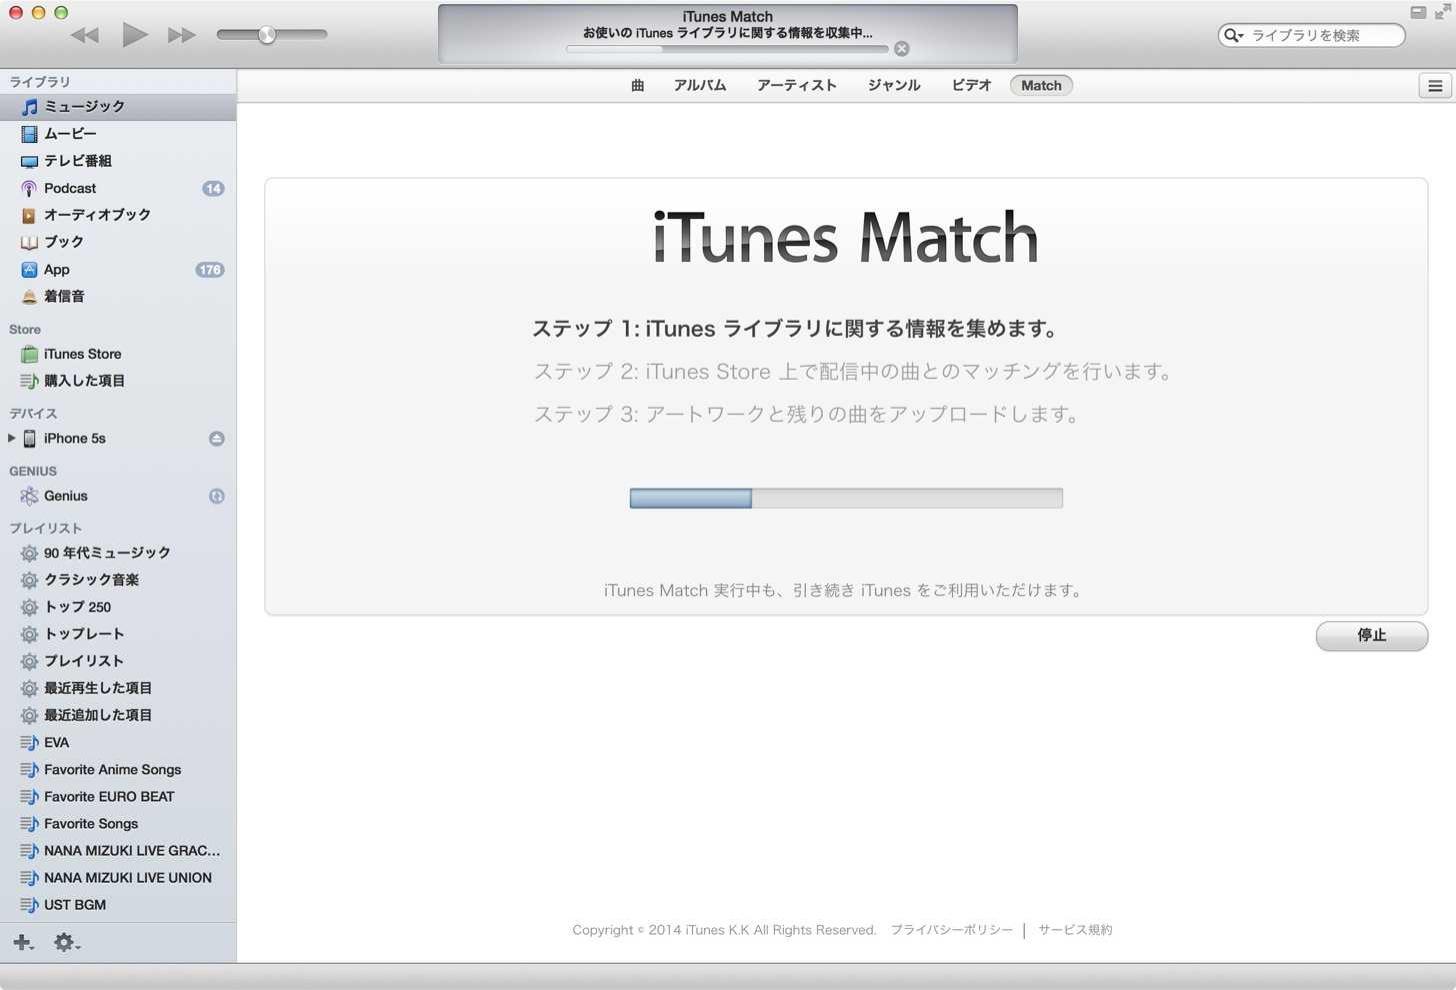 iTunesライブラリに関する情報を集めます。